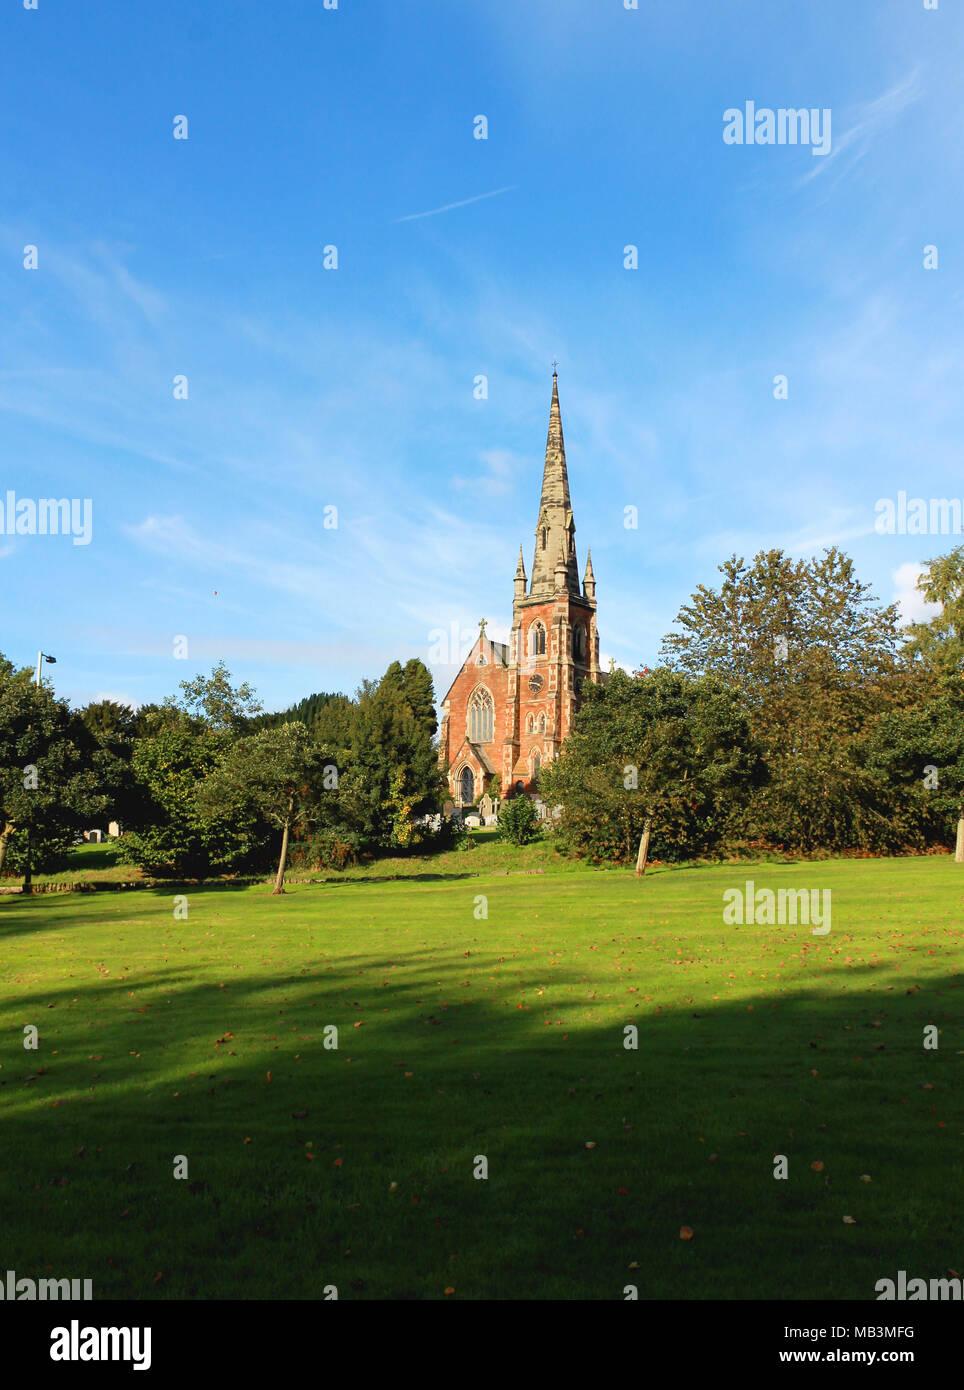 Church of Keele Village, Staffordshire UK - Stock Image